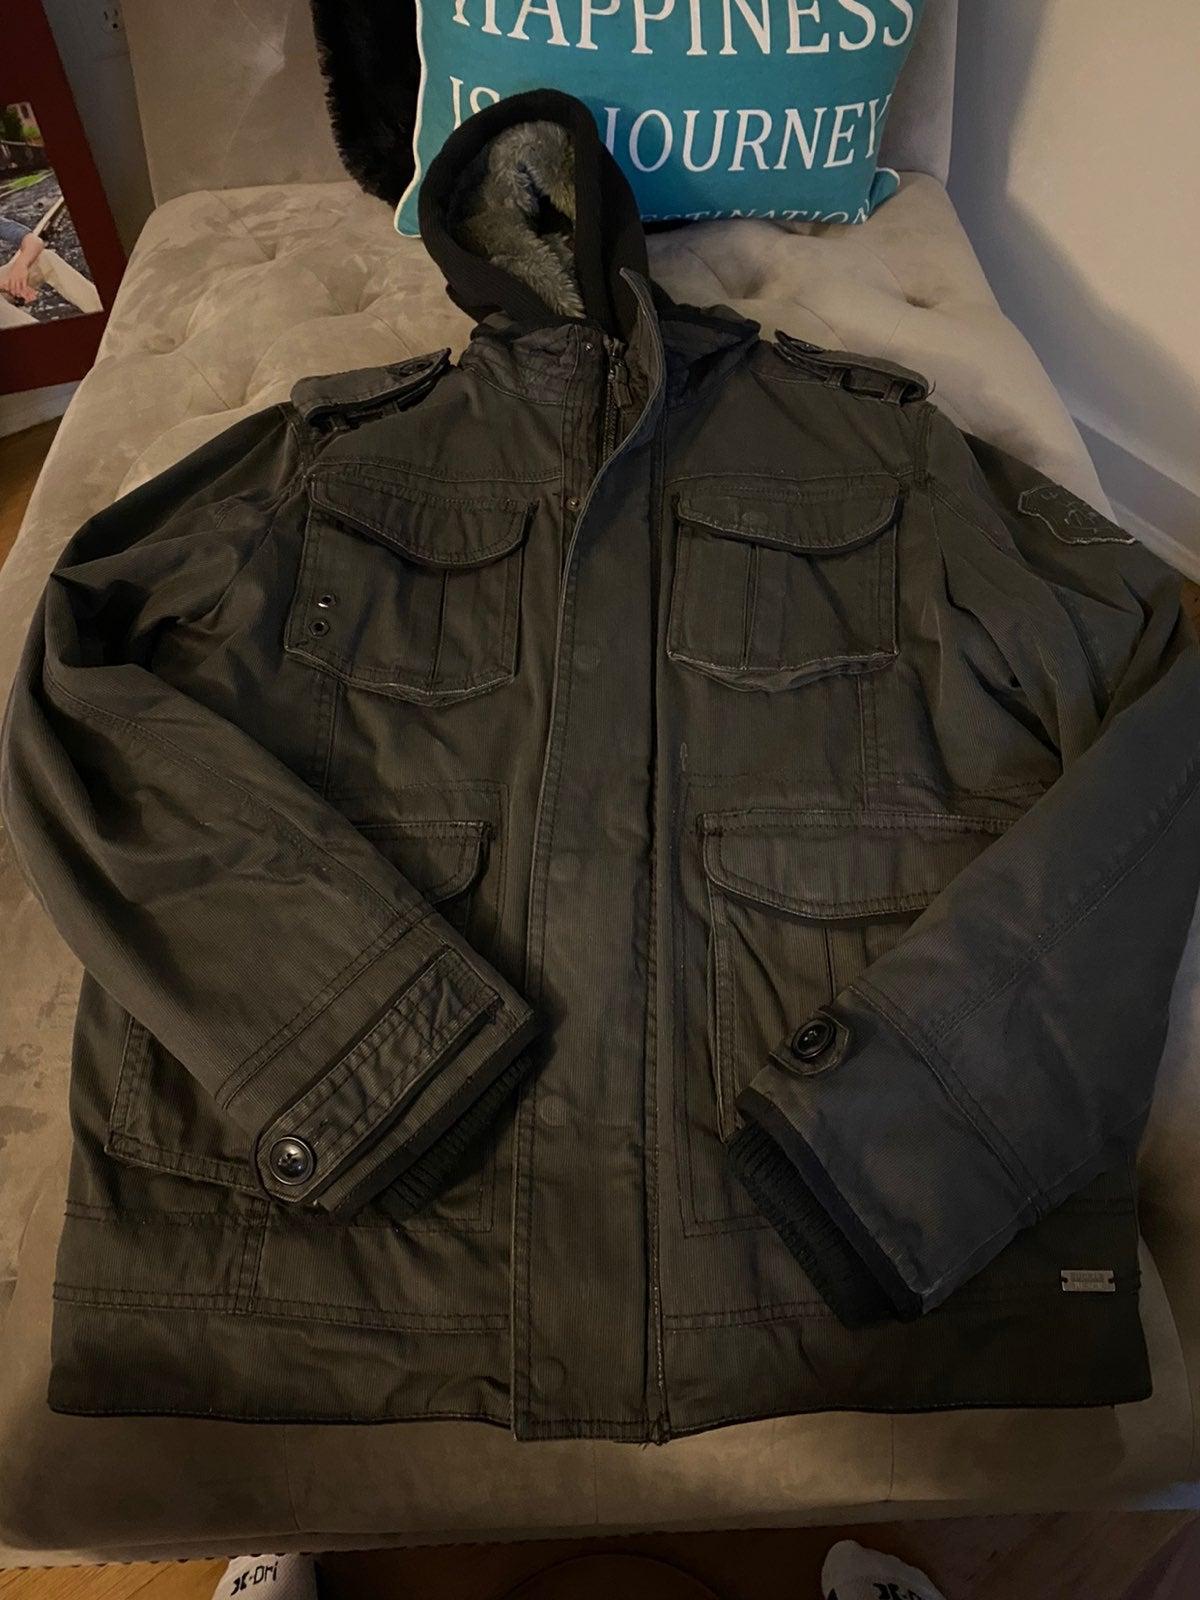 Buckle Jacket